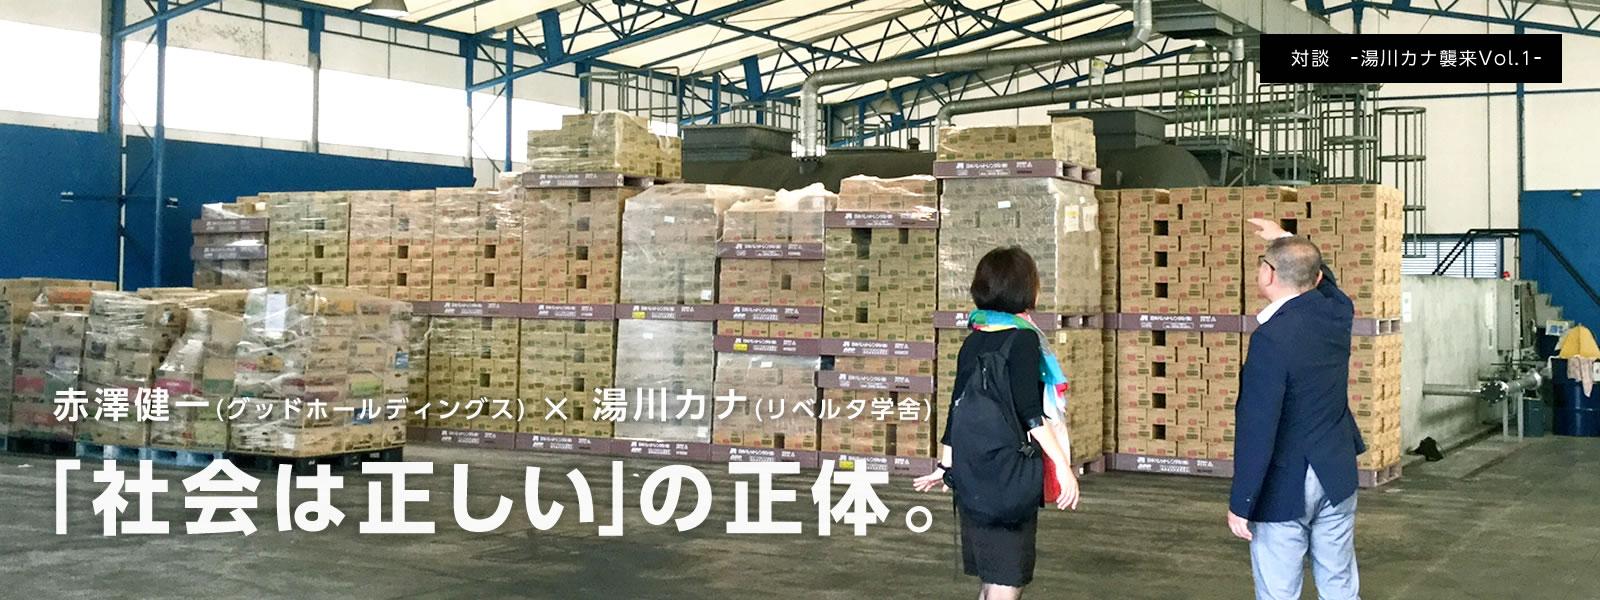 「社会は正しい」の正体。赤澤健一(グッドホールディングス)×湯川カナ(リベルタ学舍)